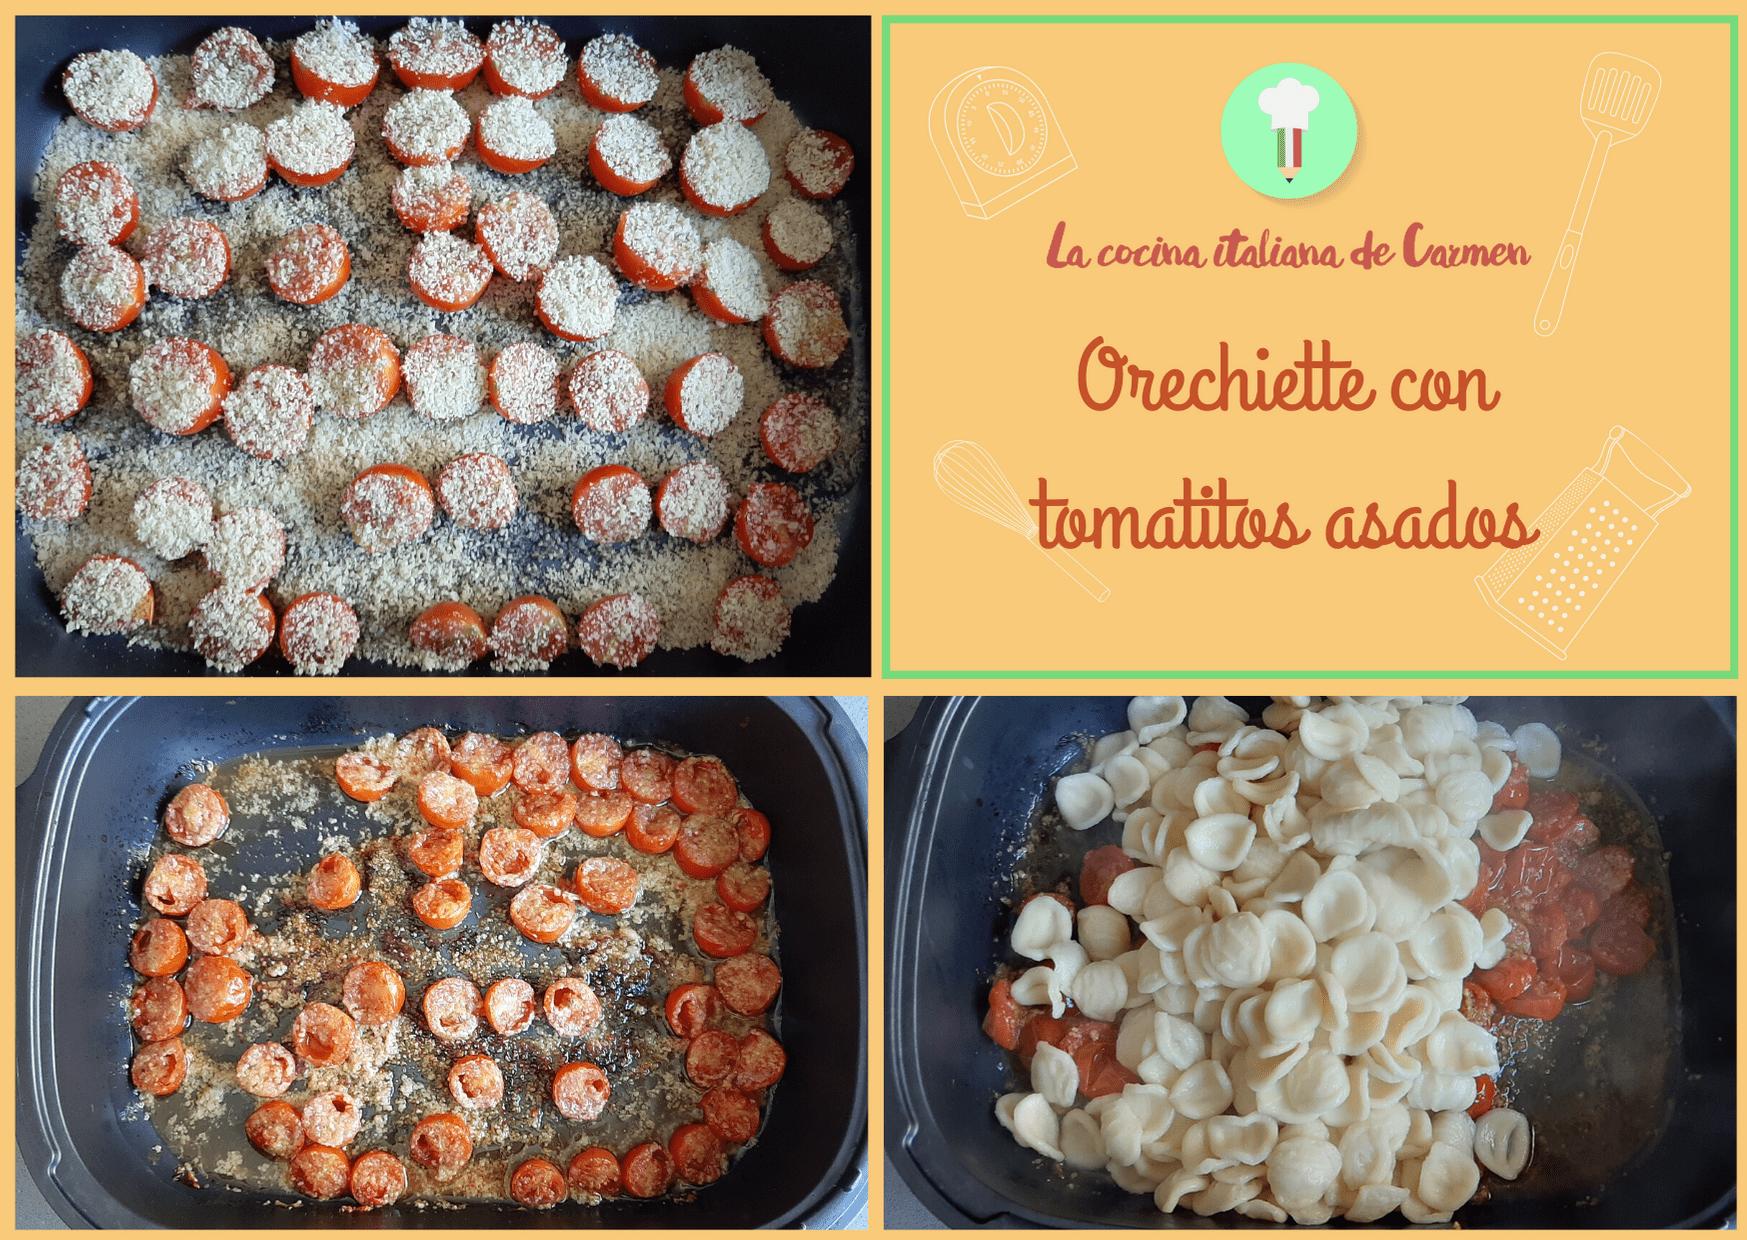 Orecchiette con tomatitos asados